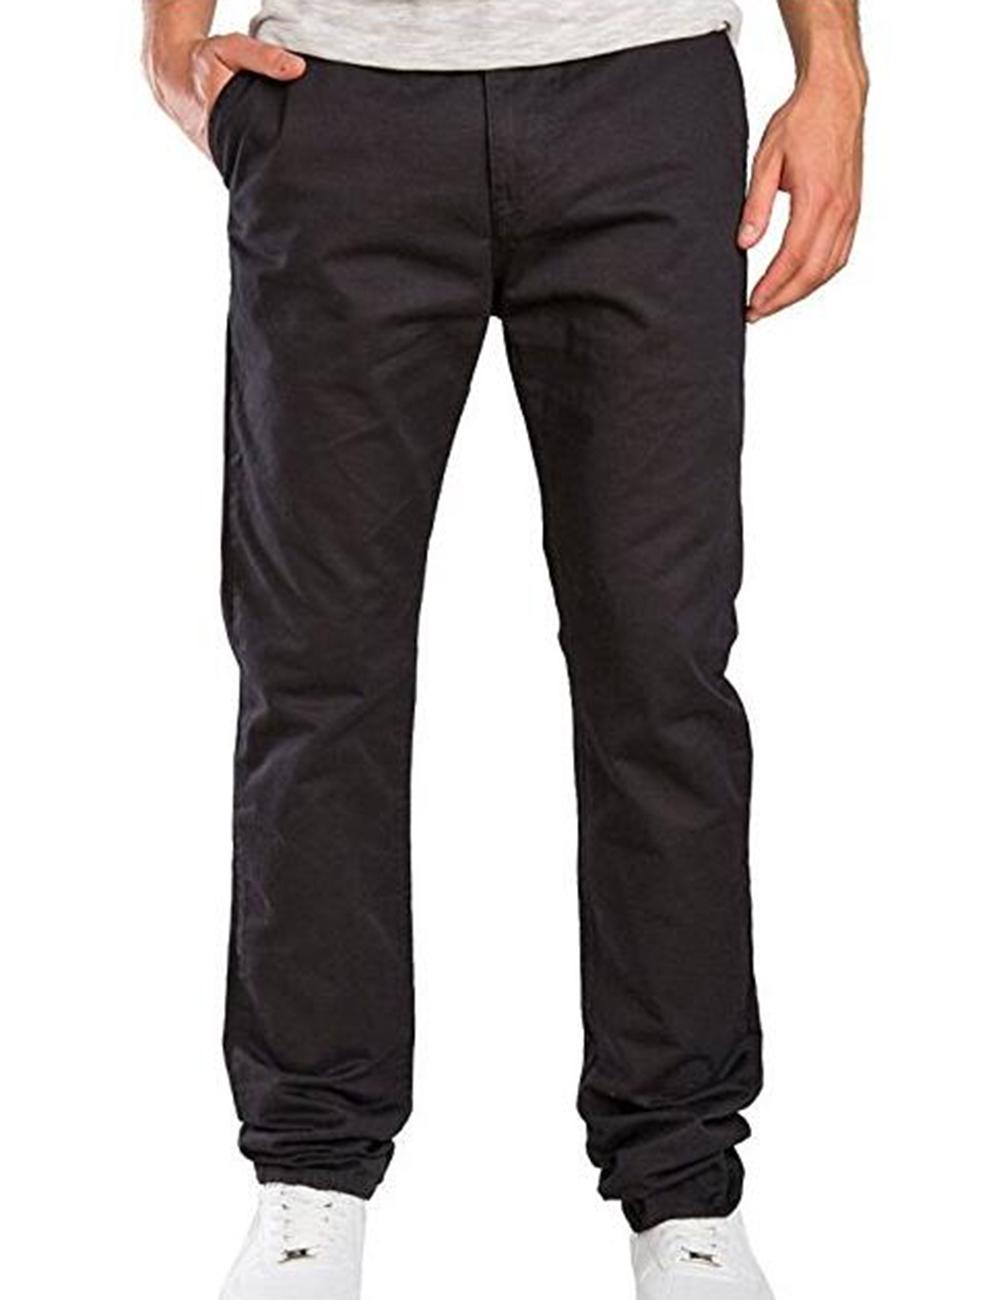 Fashionable Men Solid Color Trousers Business Straight-leg Pants Casual Cotton Pants black_3XL